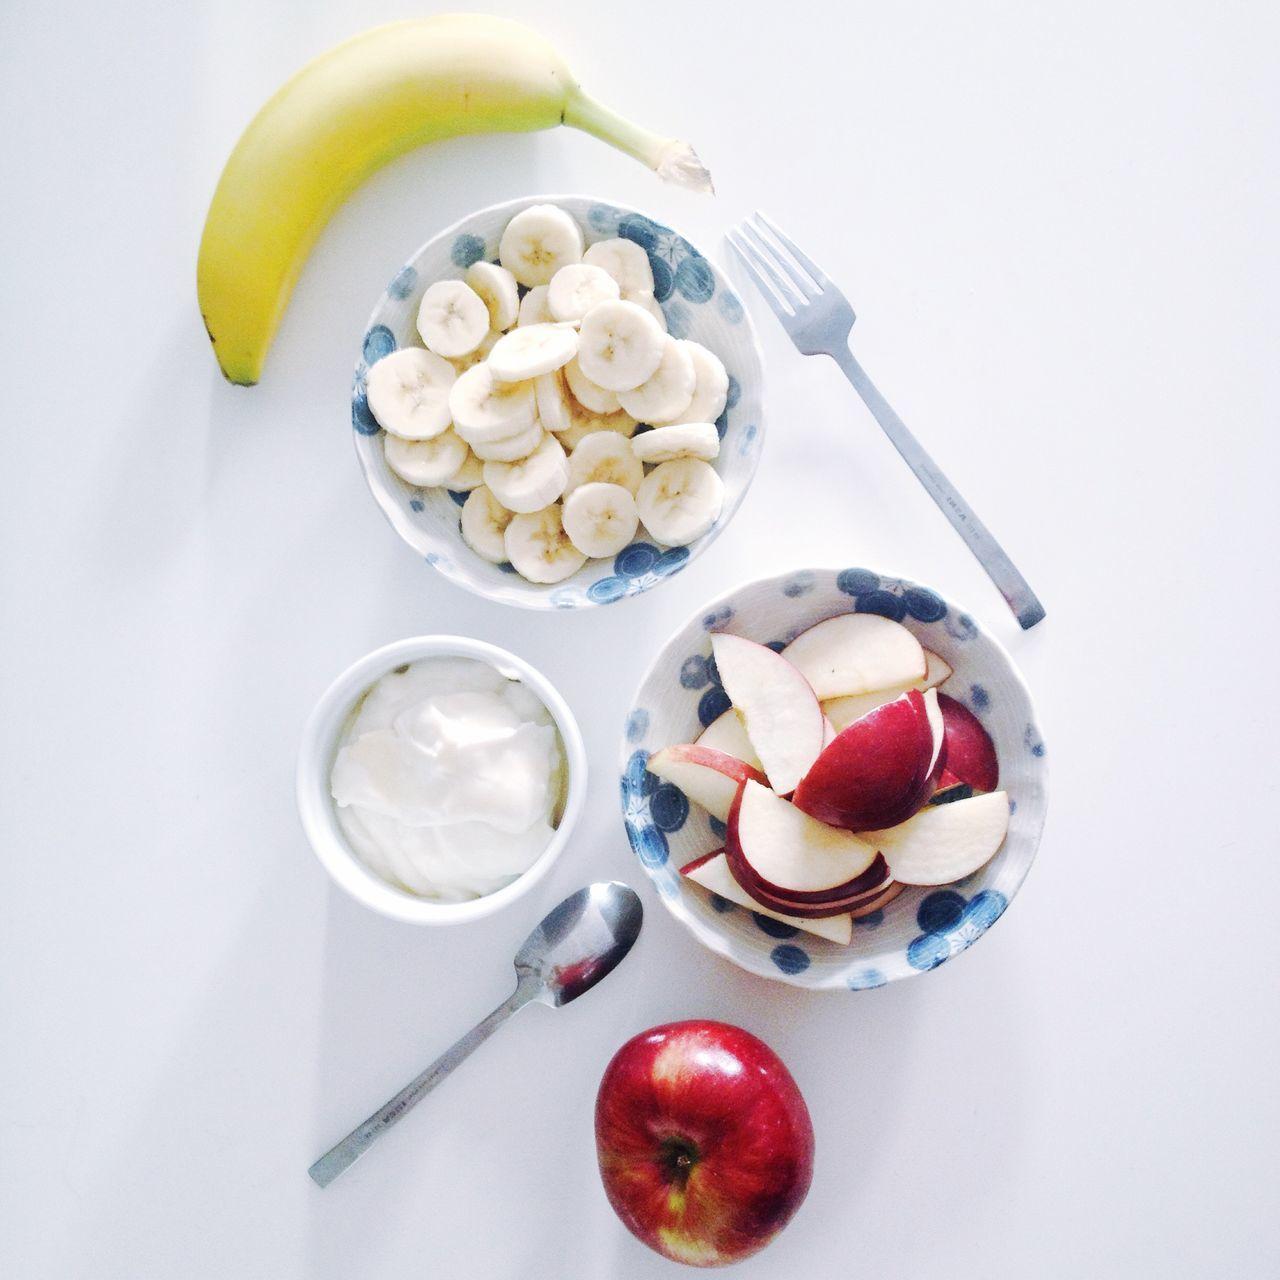 Beautiful stock photos of banana, Abundance, Apple - Fruit, Assortment, Banana